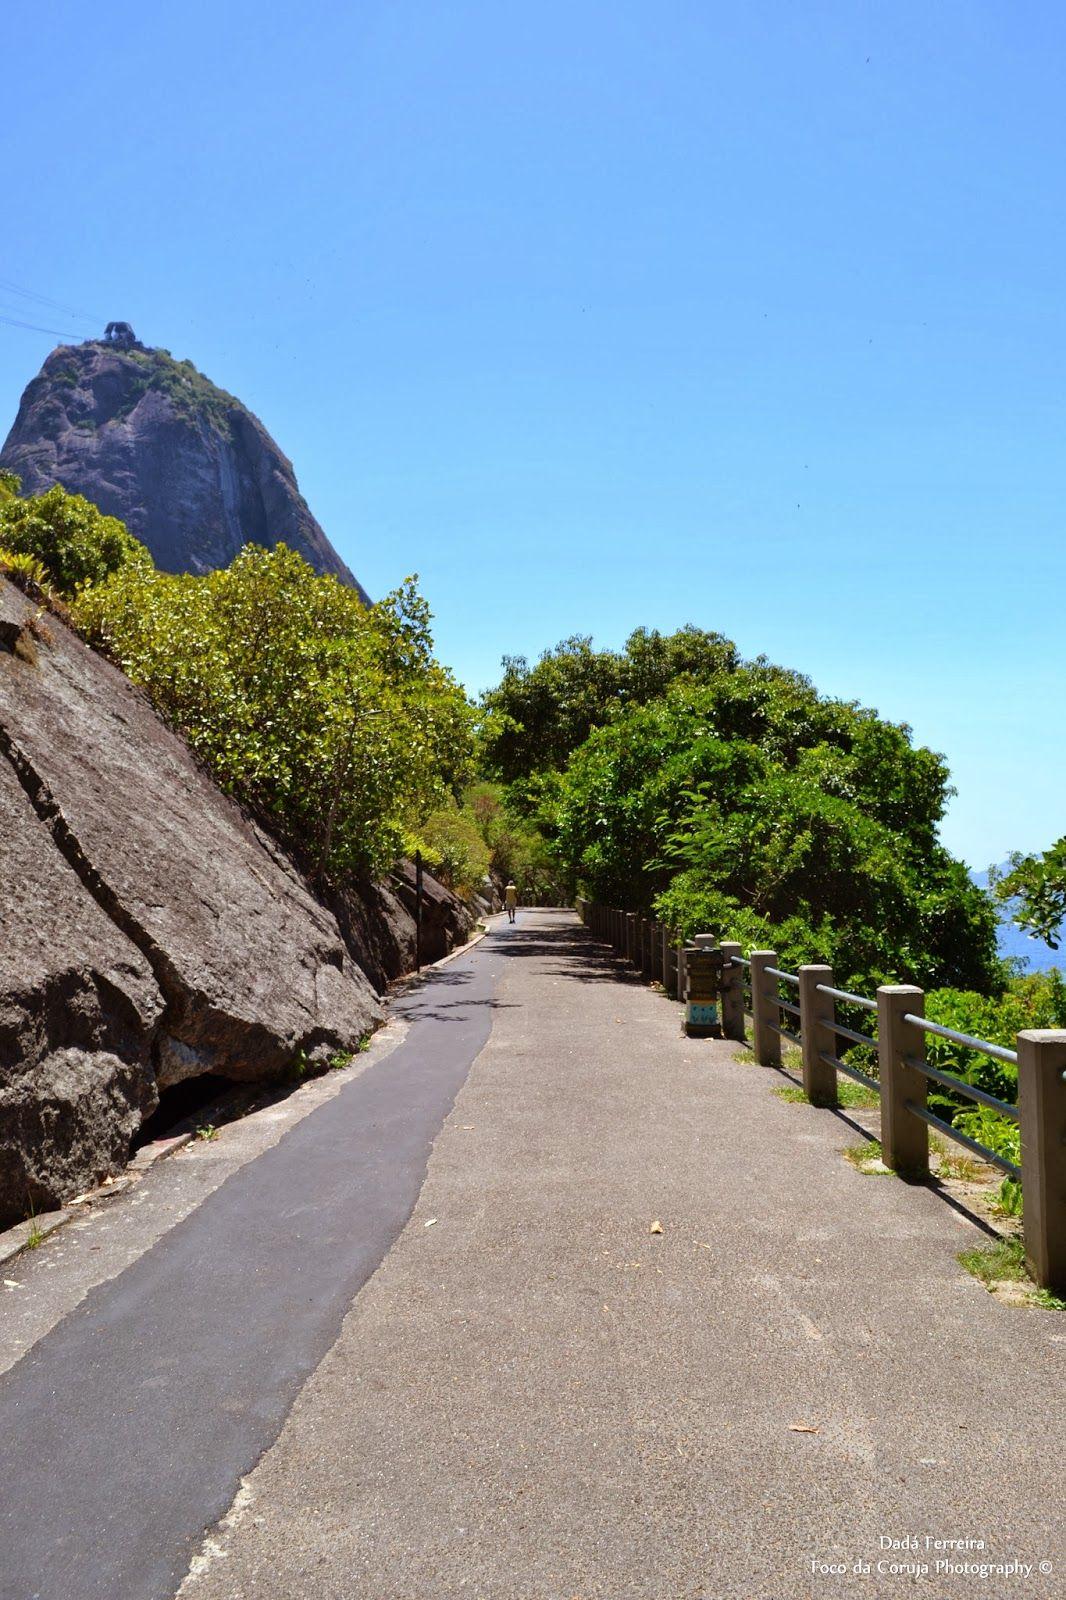 Foco Da Coruja Rio De Janeiro Rio Lugares